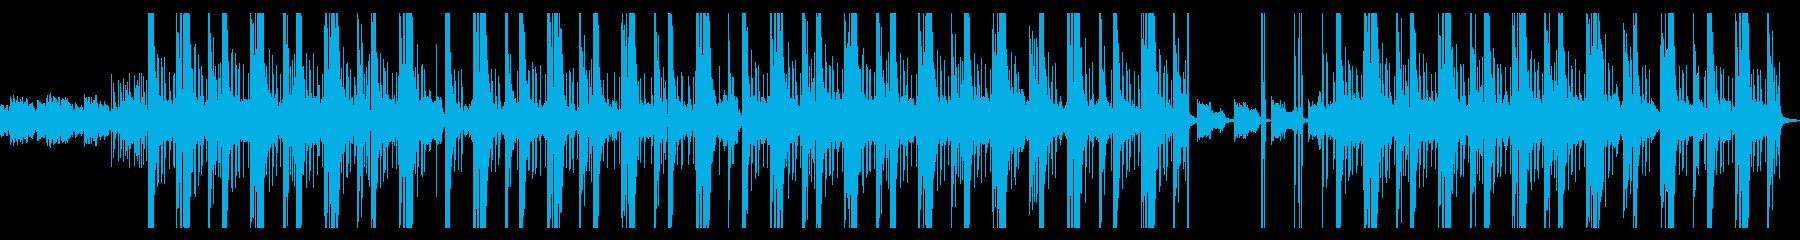 ダークな人生ヒップホップ、トラップの再生済みの波形